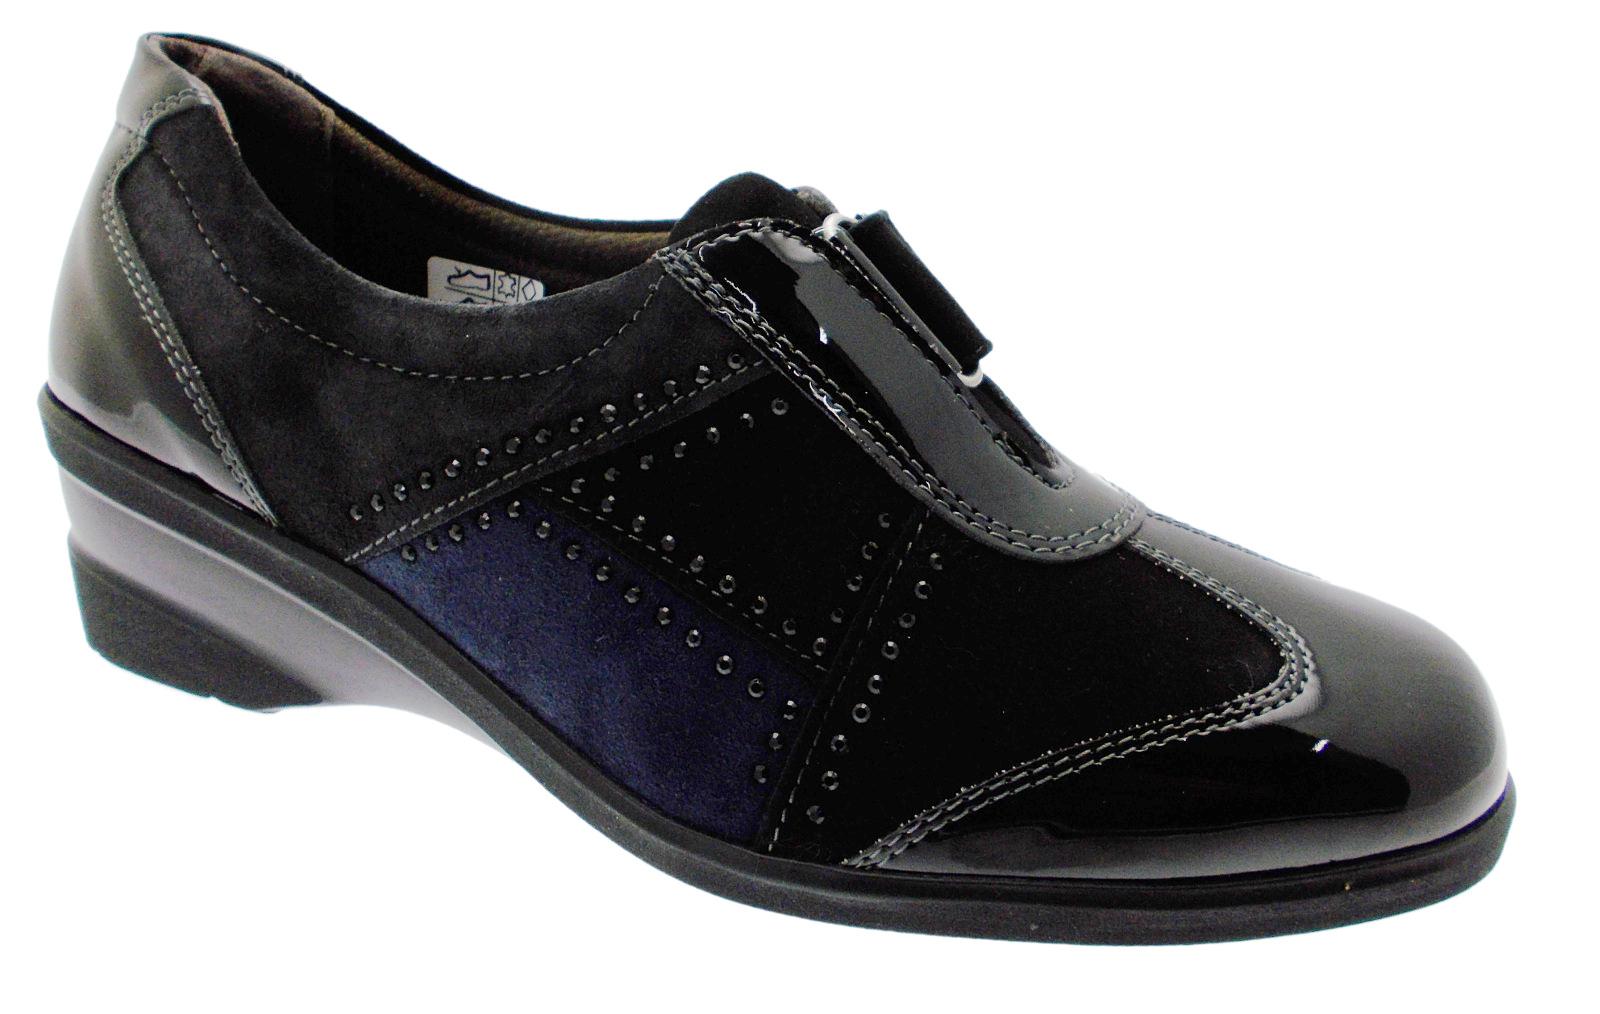 huge discount 1528d e0b67 Dettagli su K90283 scarpa donna nero multicolore strappo zeppa Melluso